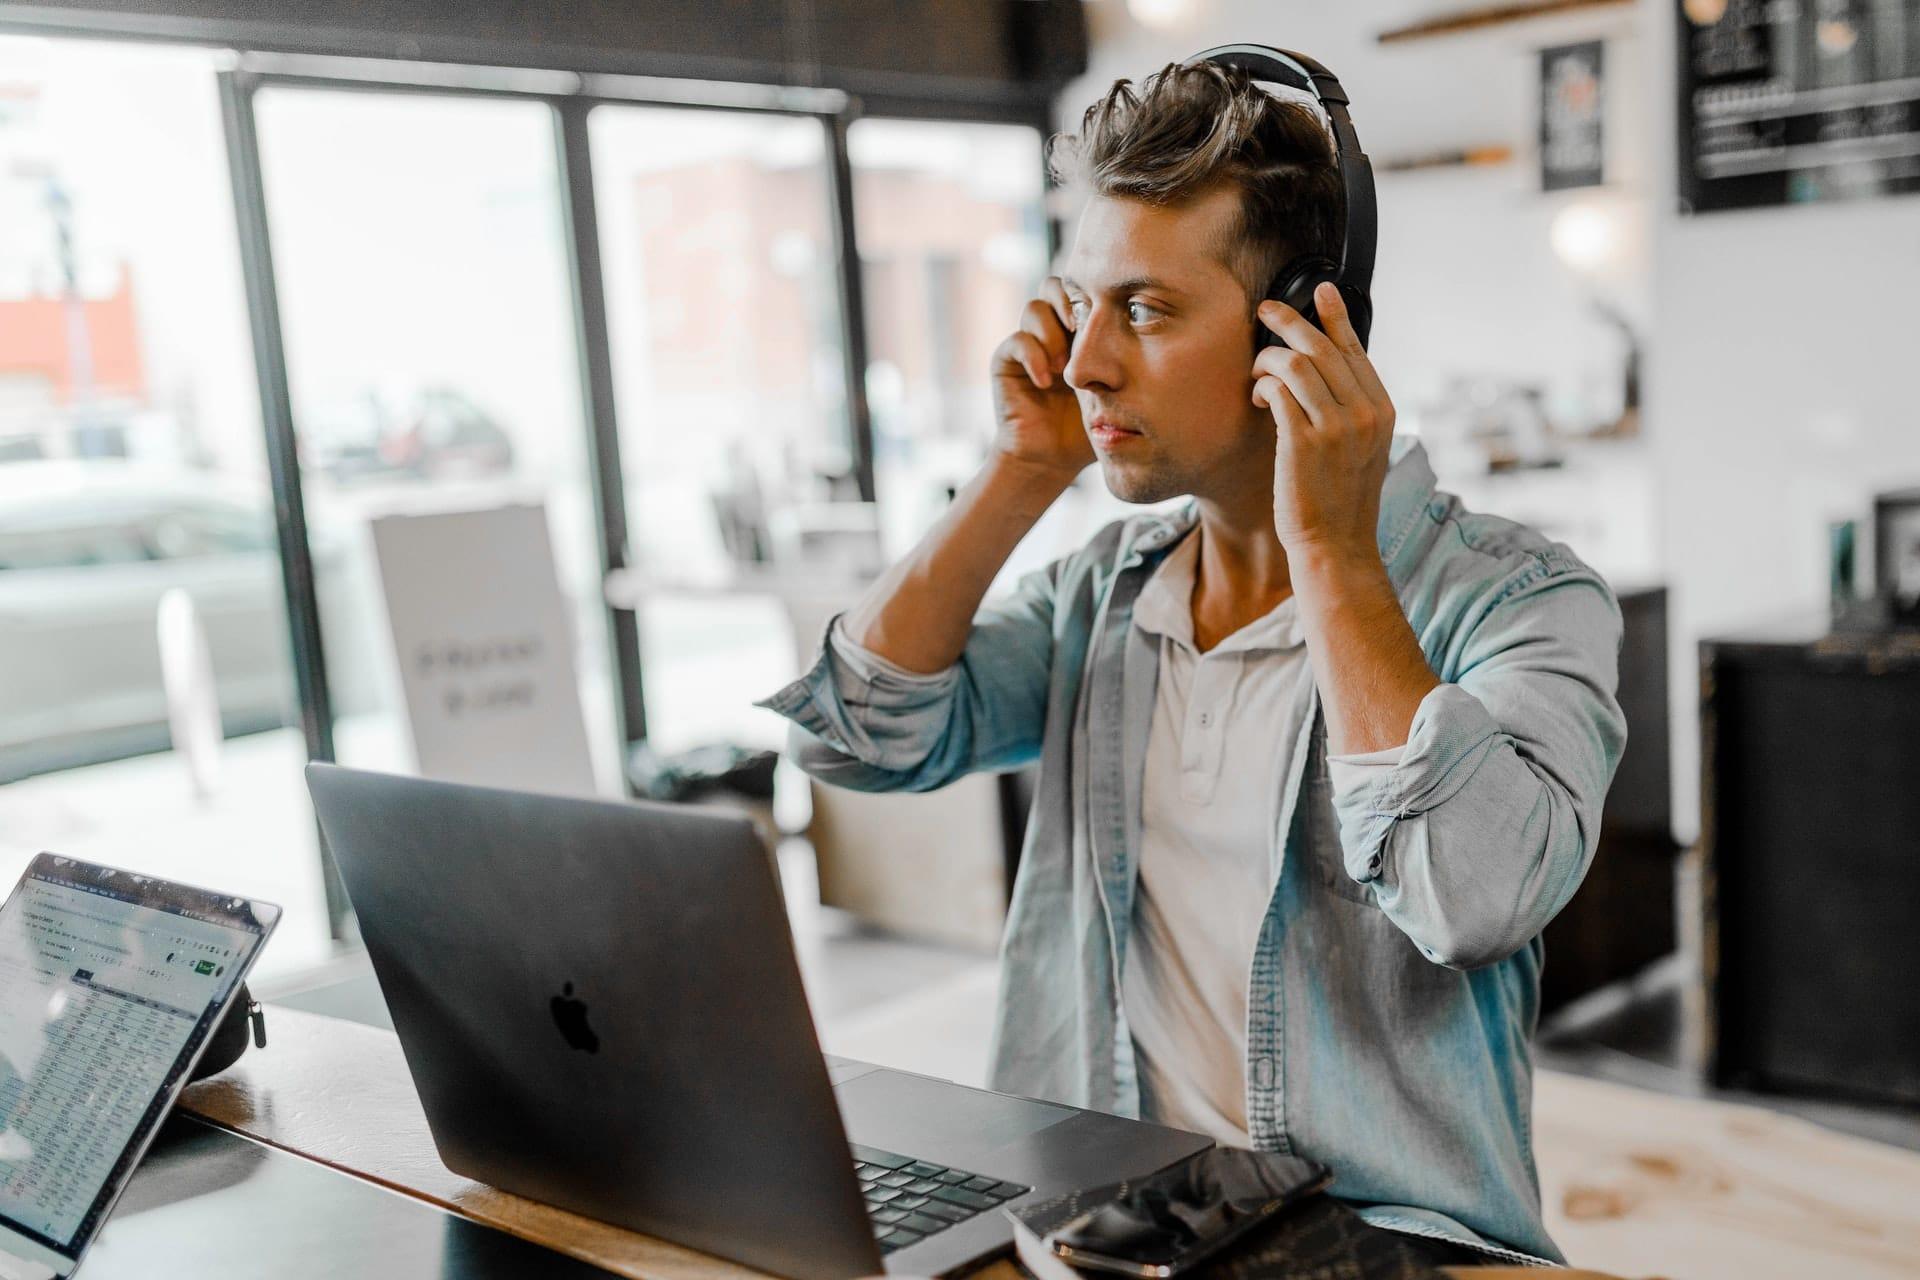 homme avec casque devant ordinateur